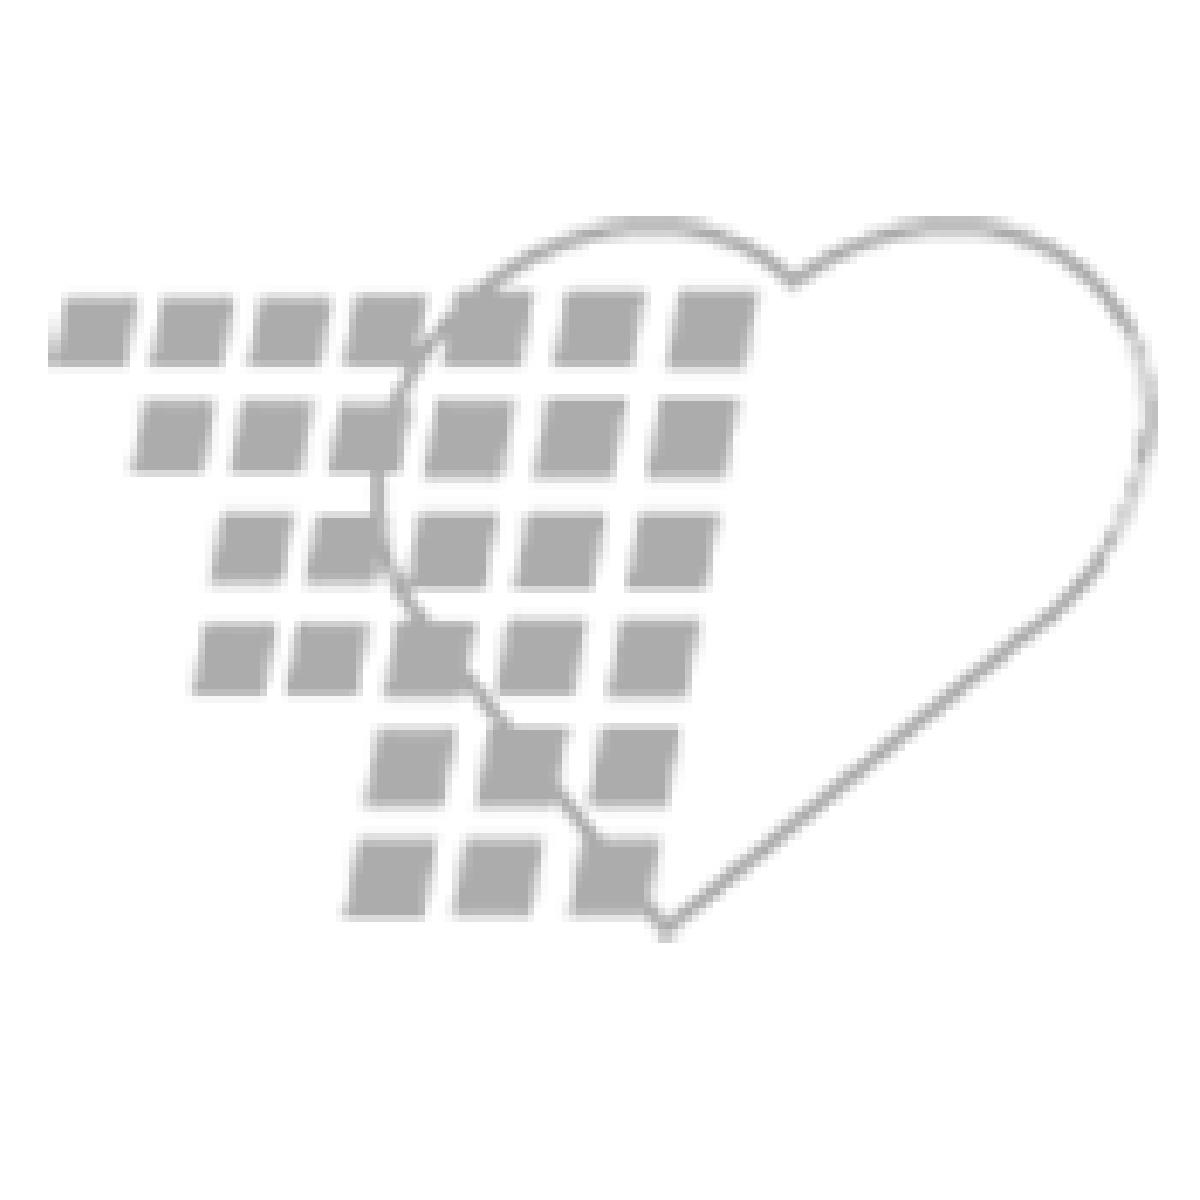 06-93-1433 Demo Dose® Penicilln G Potassim 5,000,000 units vial 20mL